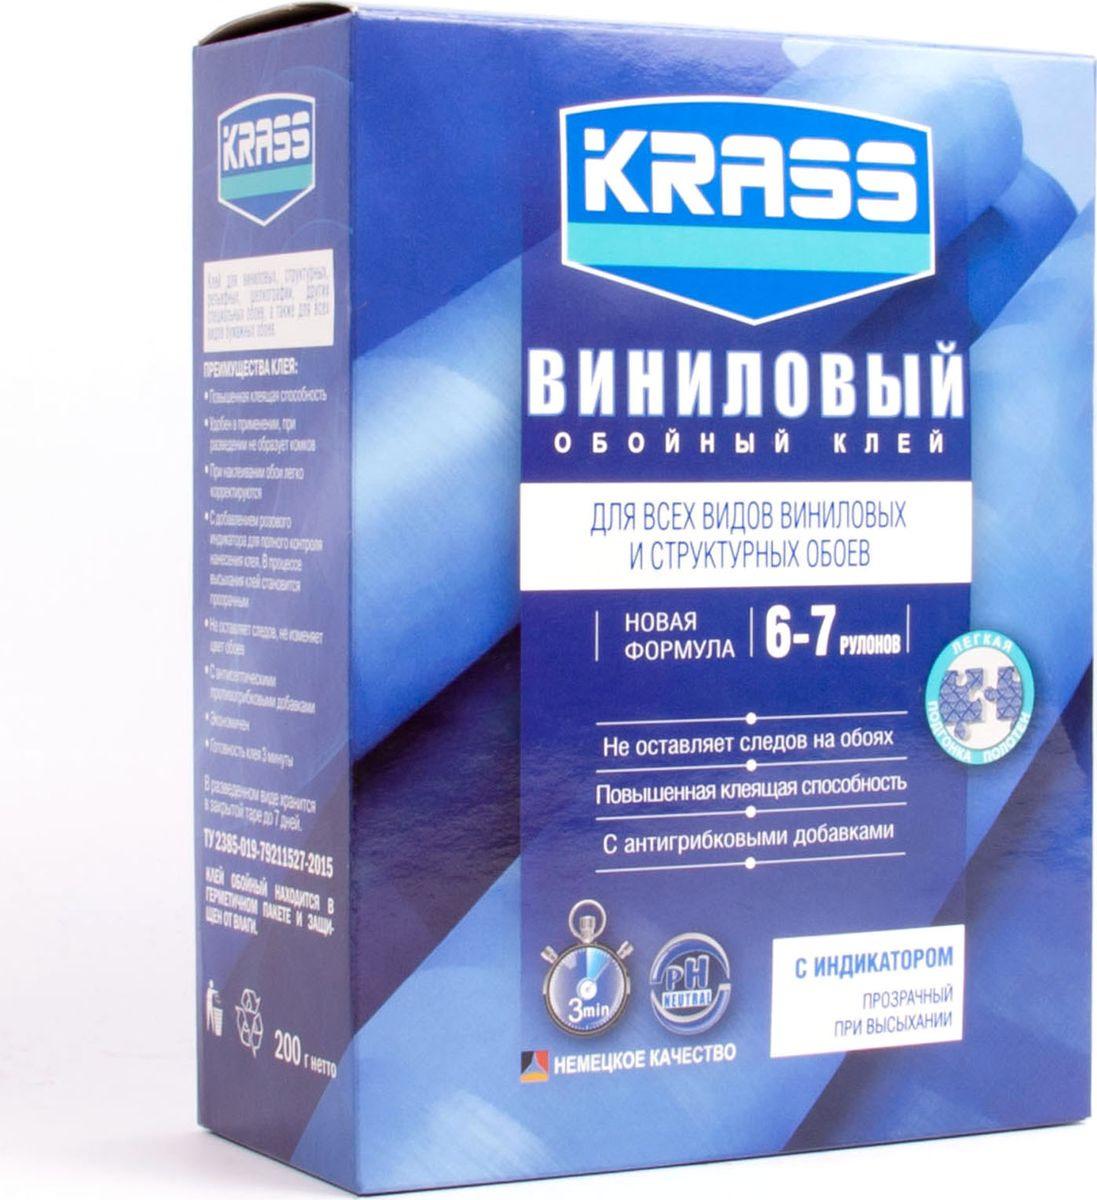 Клей Krass Виниловый, для обоев, 4680002595542, 200 г клей для виниловых обоев kleo smart 5 6 рулонов 150 г